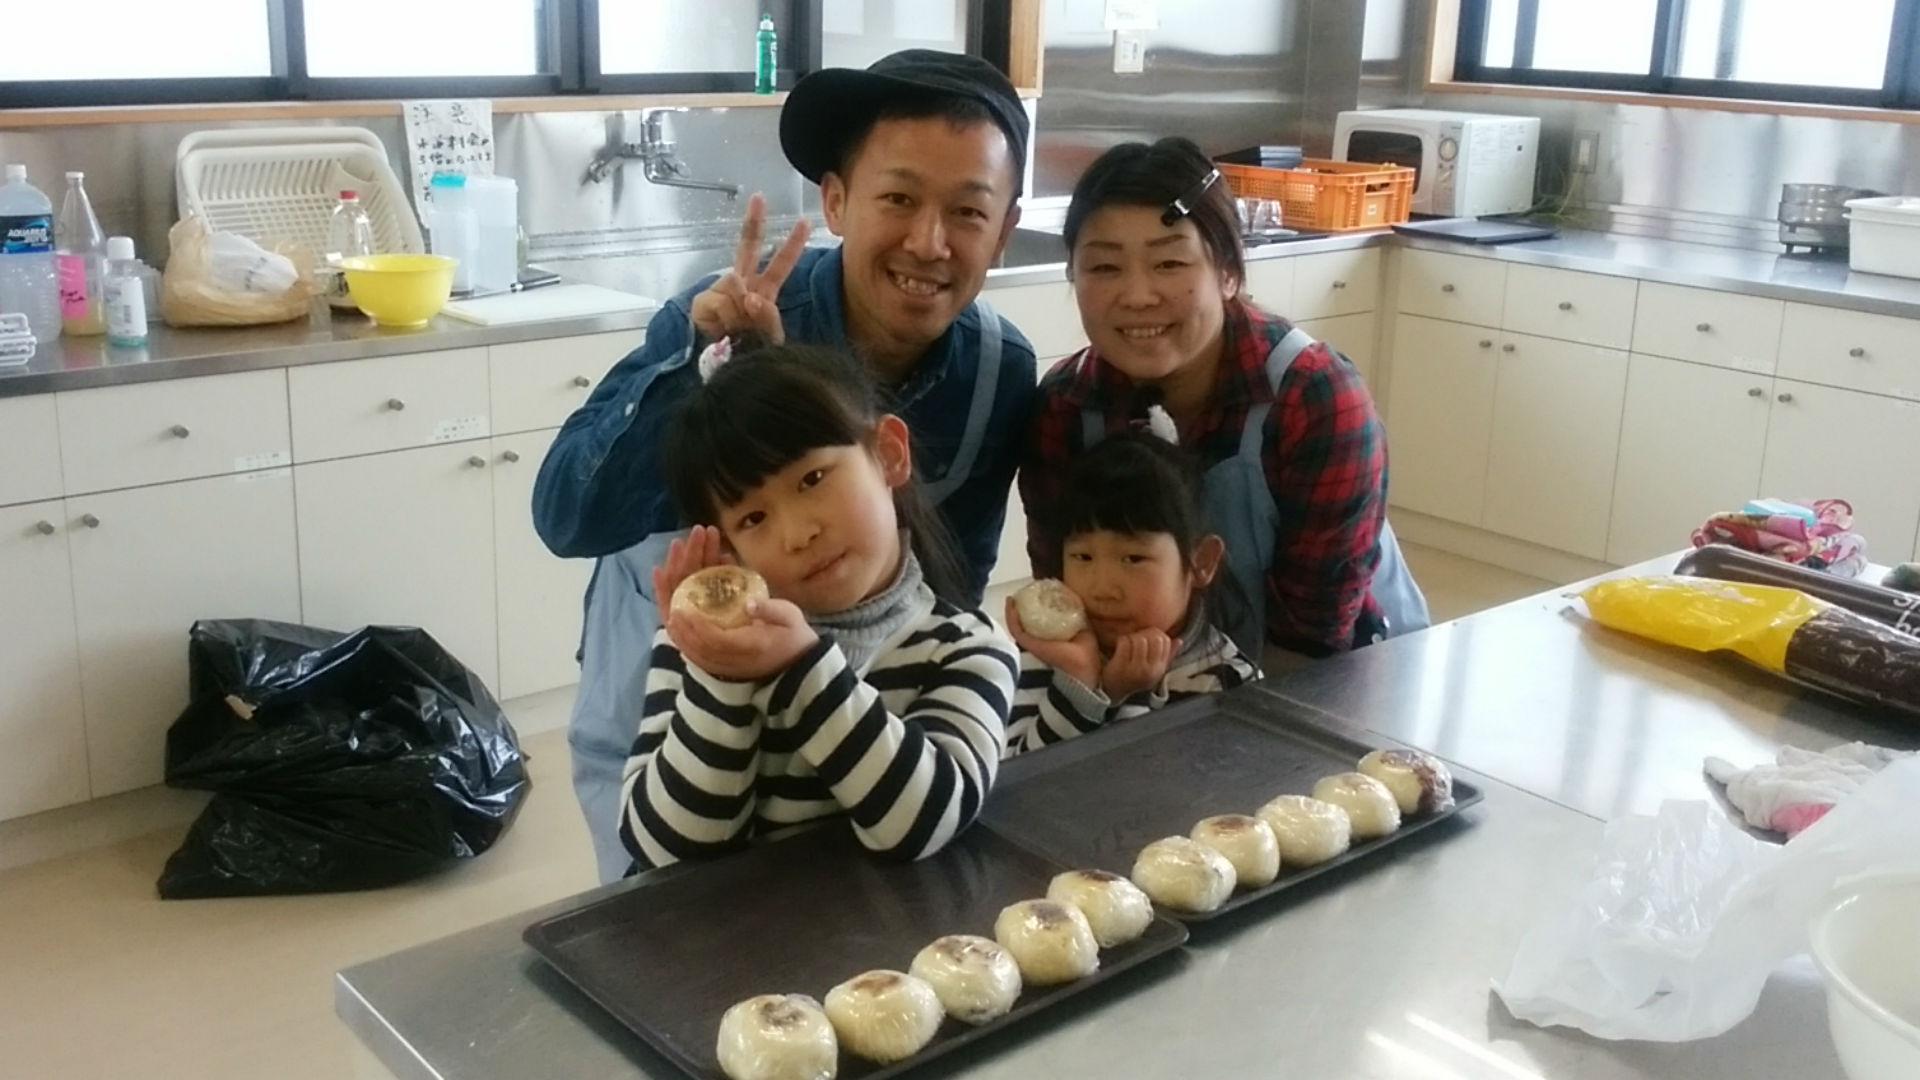 【長野・安曇野市・料理体験】素朴な味が魅力です!安曇野名物のおやきを作ろう